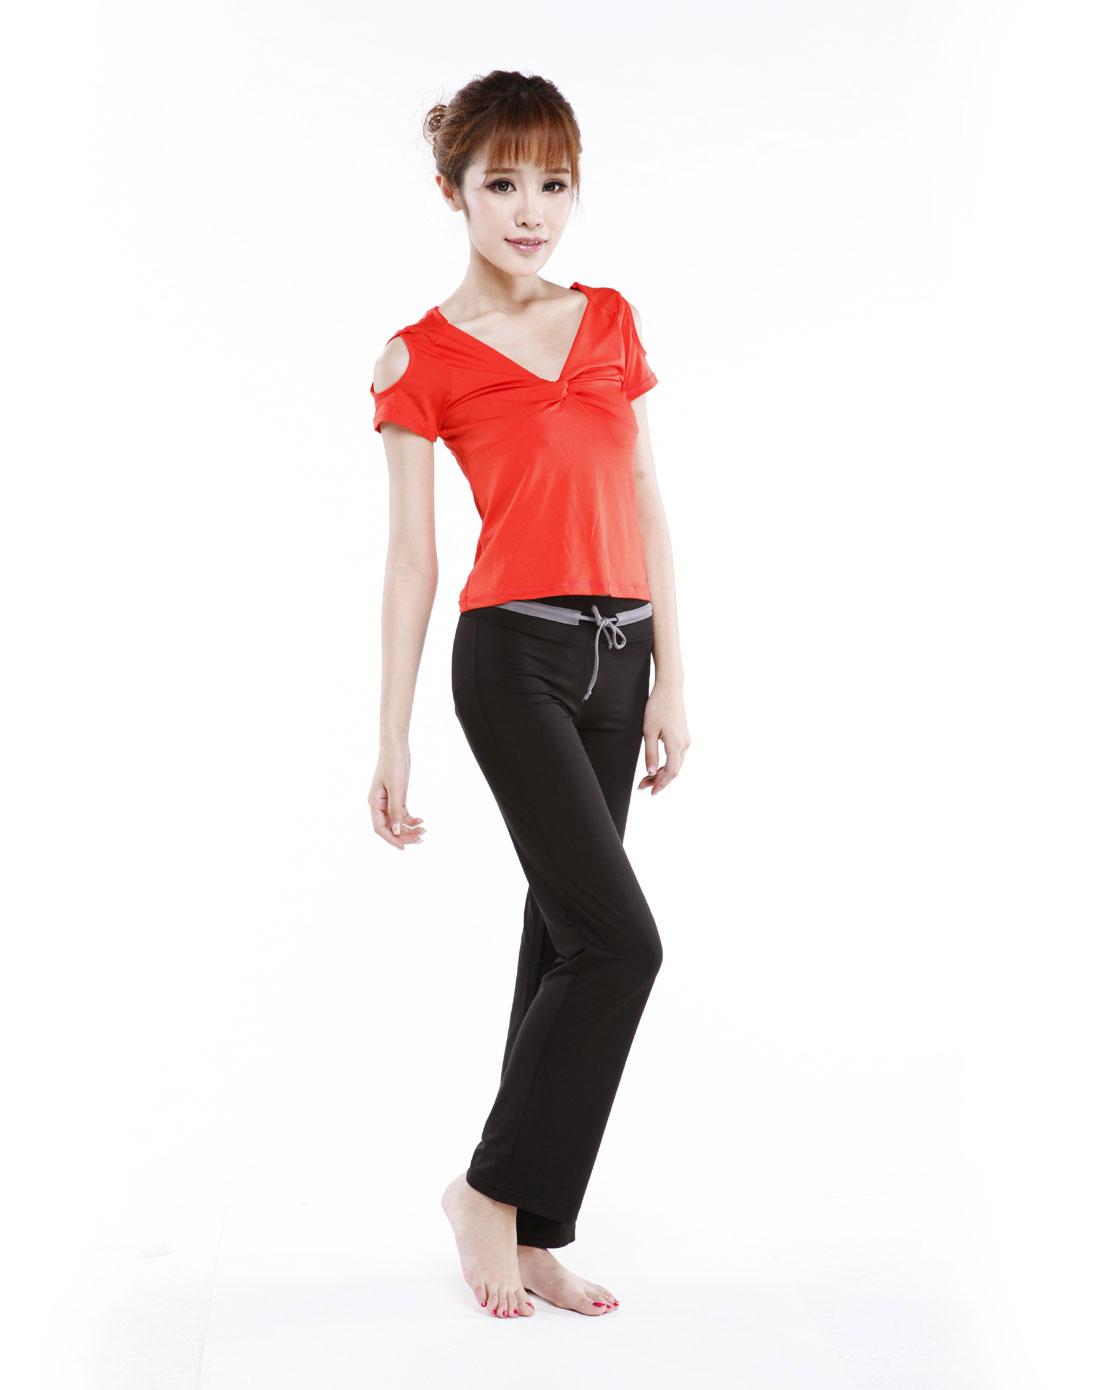 瓜红_女款瓜红/黑色瑜伽服套装